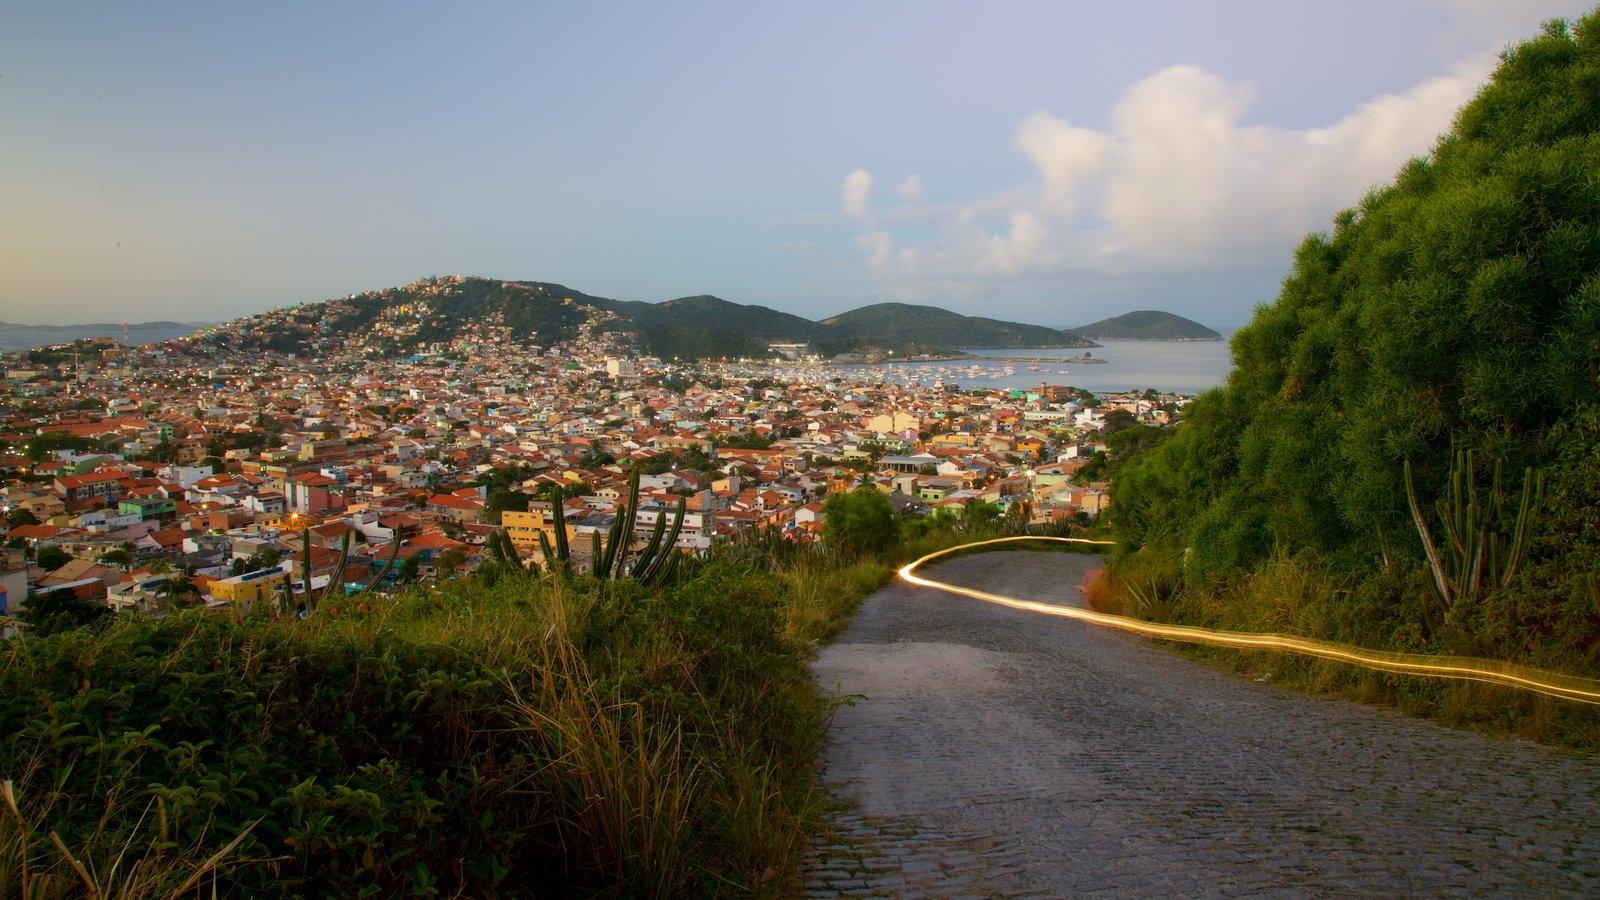 Mirante do Pontal do Atalaia caracterizando um pôr do sol, paisagens litorâneas e uma cidade litorânea